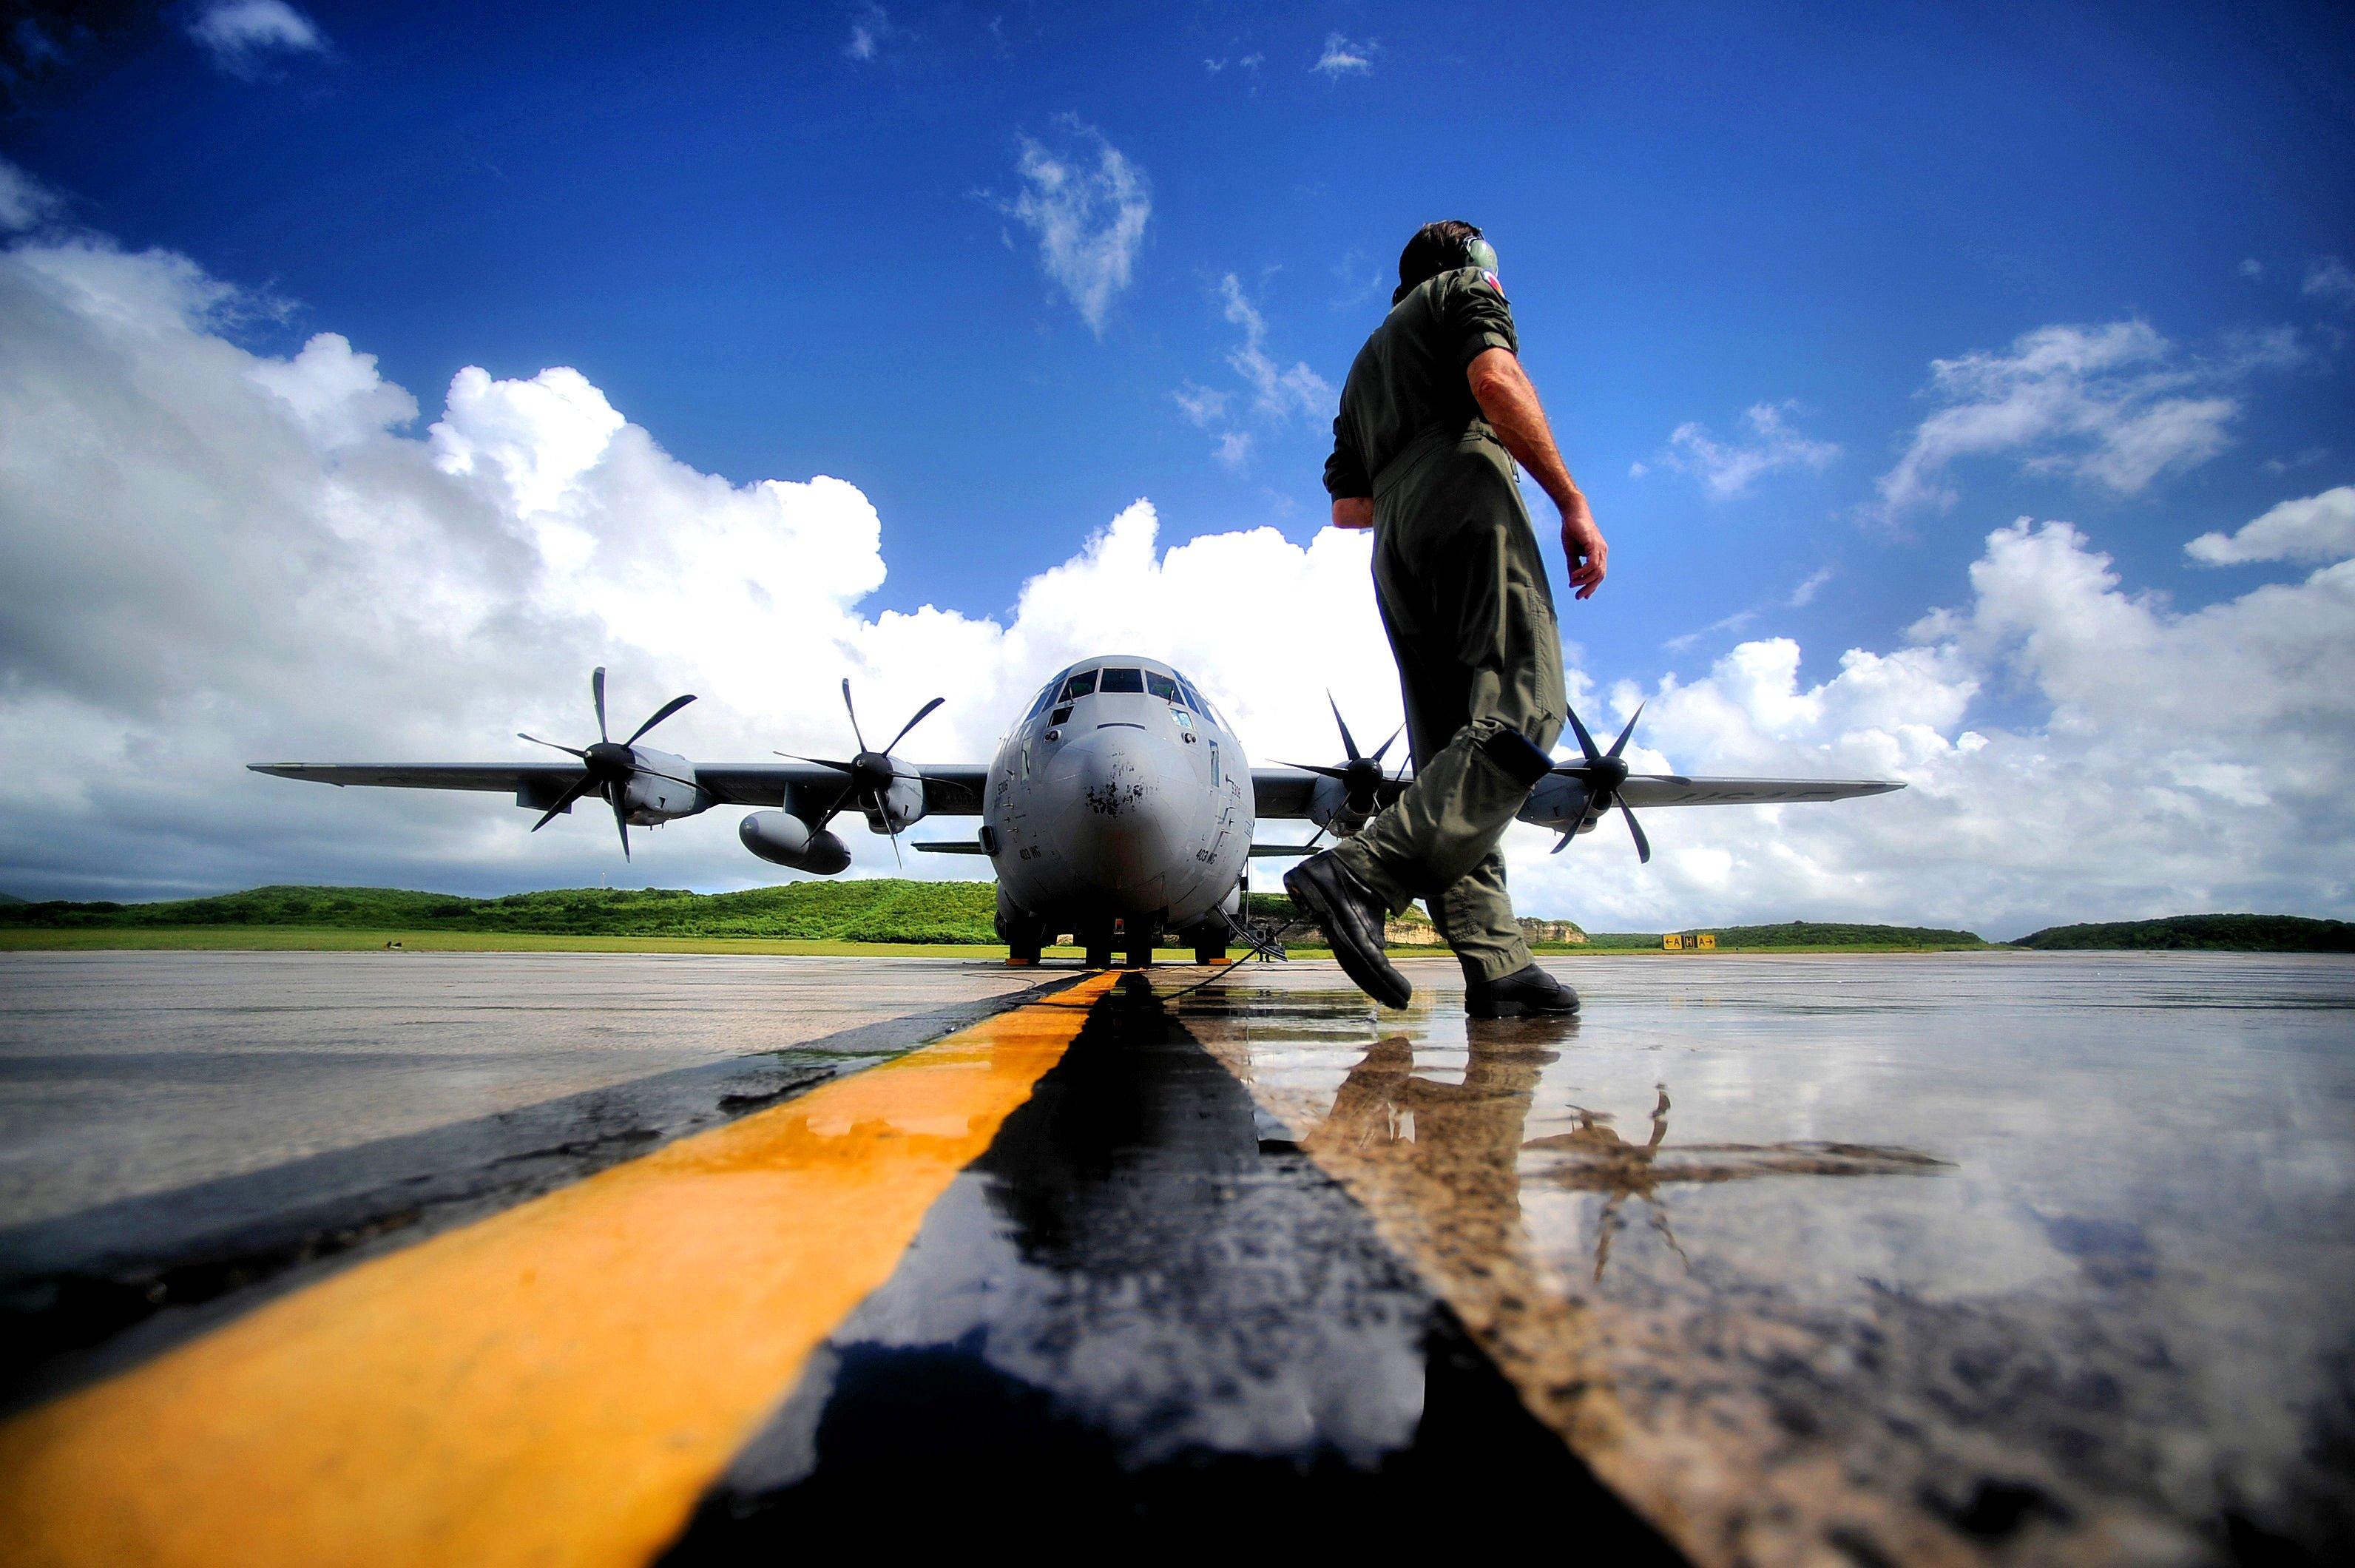 """Ein Pilot der amerikanischen Luftwaffe inspiziert einen sogenannten """"Hurrikan-Jäger"""". Mit solchen Flugzeugen haben Forscher die Meeresoberfläche während eines Sturmes überflogen und die reflektierten GPS-Signale ausgewertet."""